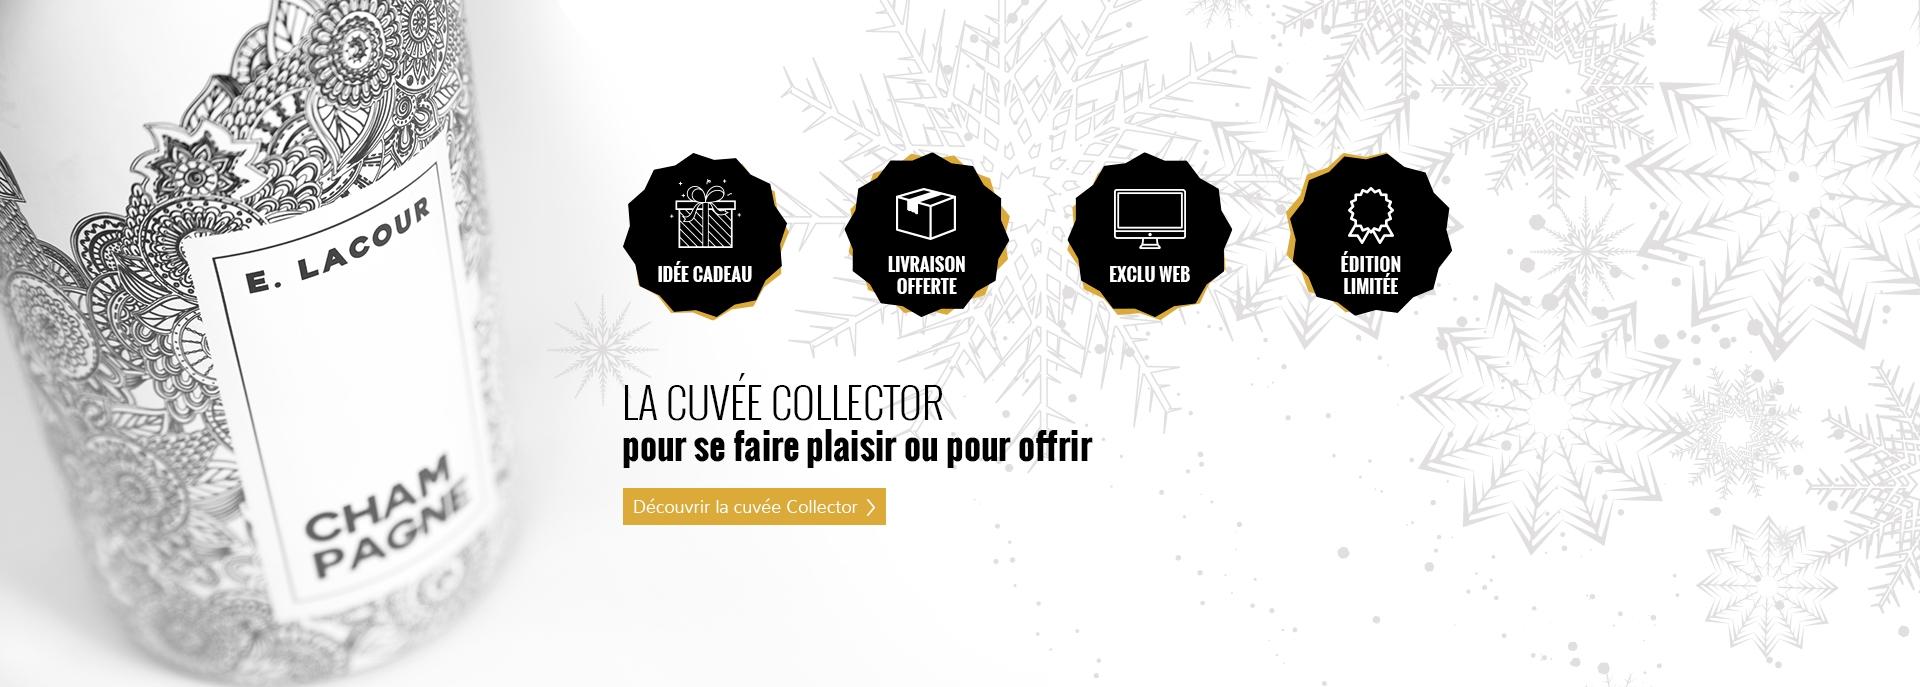 La cuvée Collector pour se faire plaisir ou pour offrir - Champagne E.Lacour